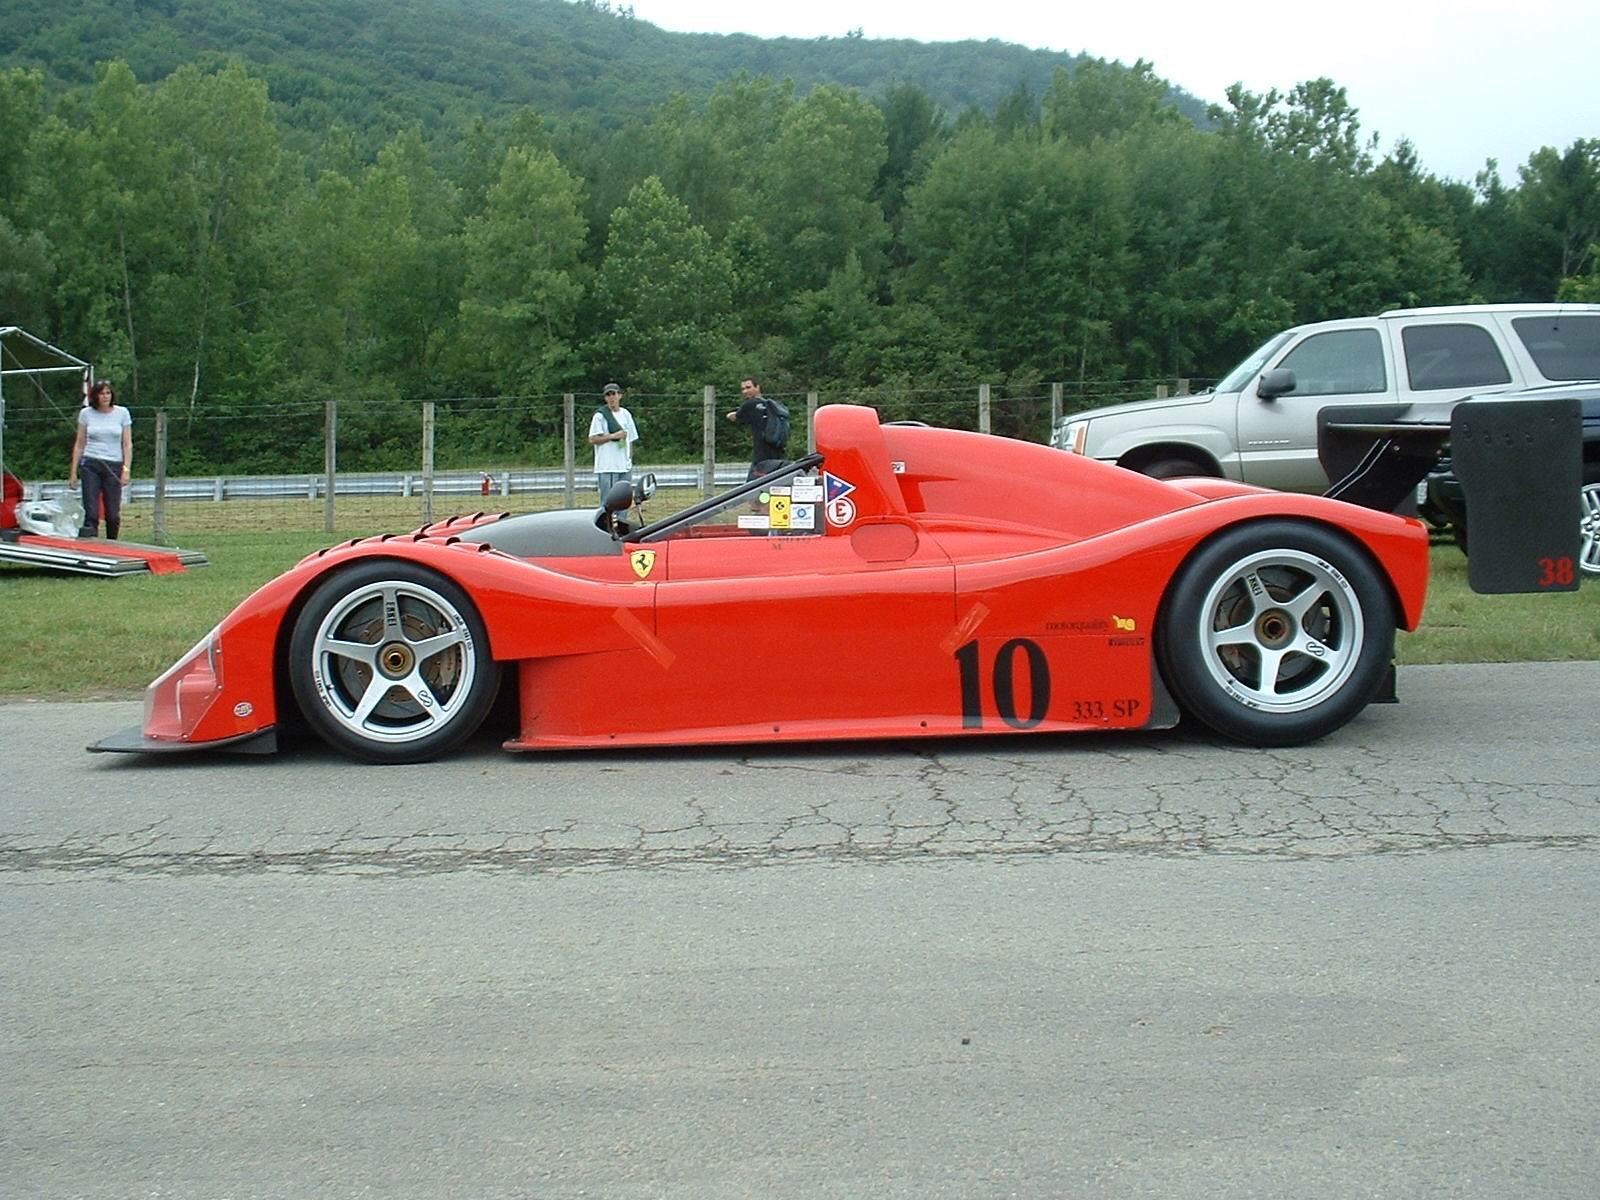 Ferrari 333 Sp Wallpapers Vehicles Hq Ferrari 333 Sp